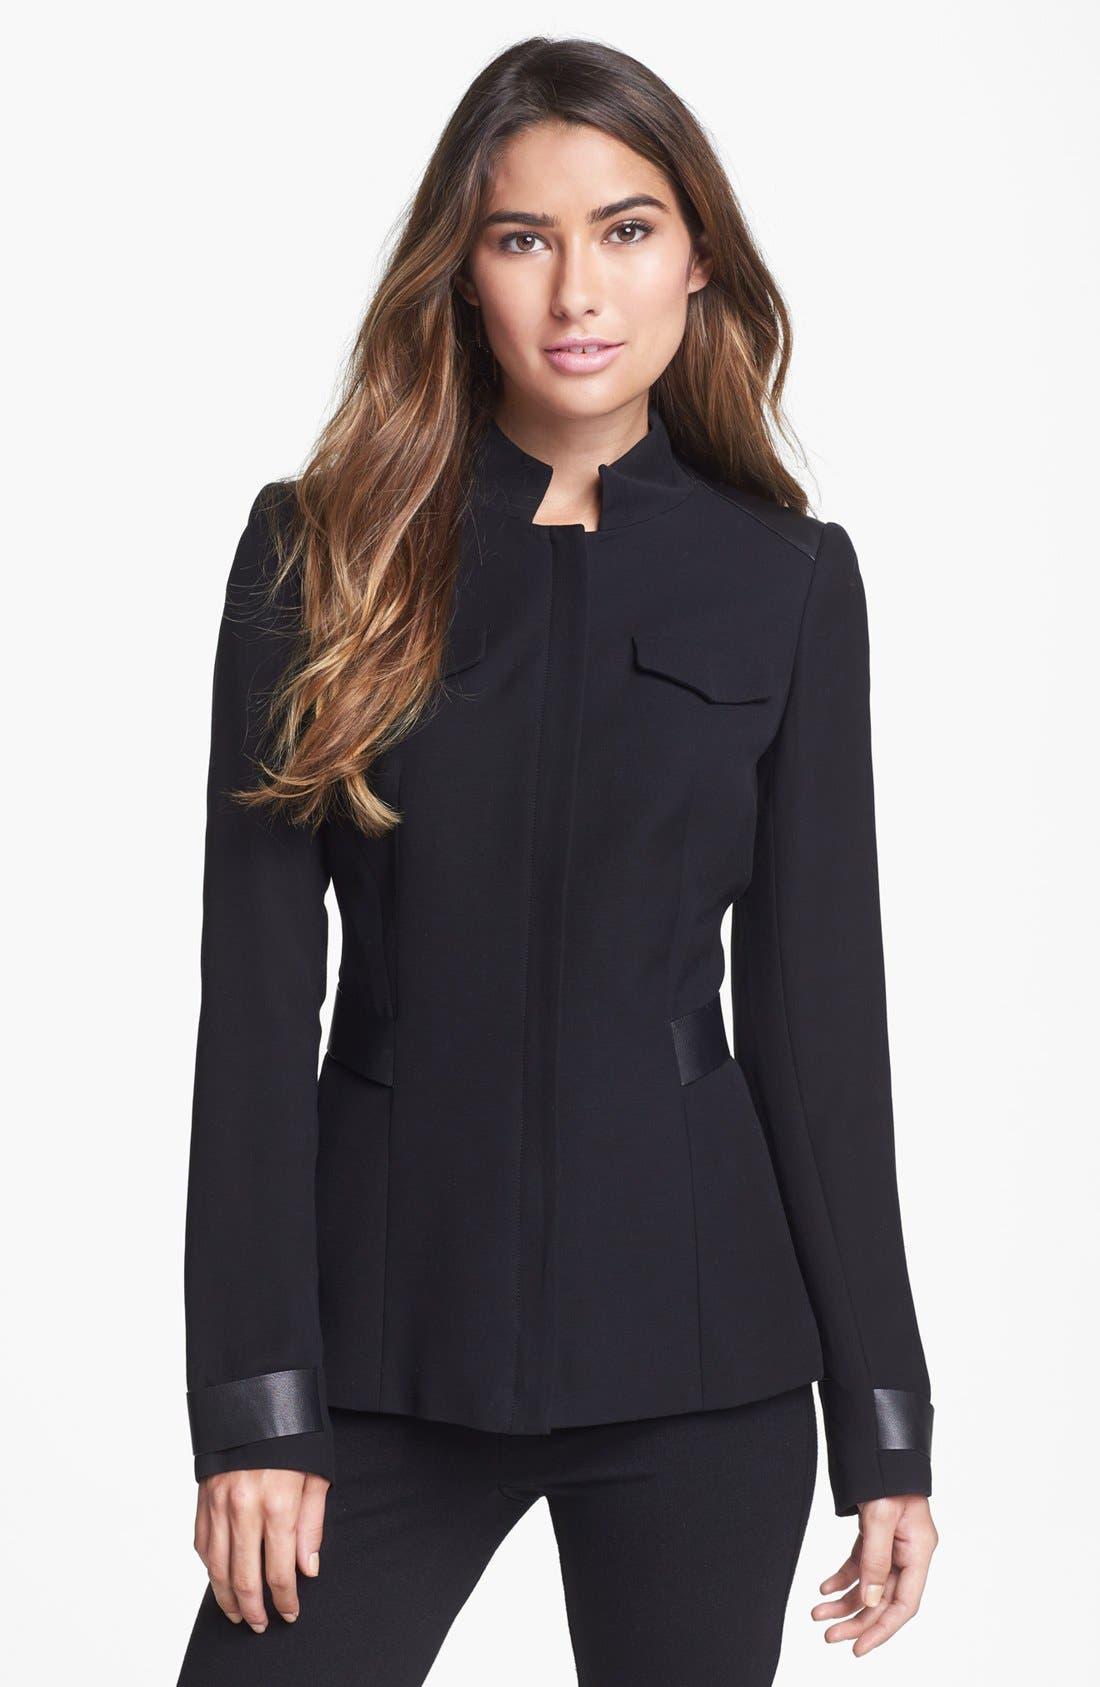 Alternate Image 1 Selected - Lafayette 148 New York 'Wanda' Leather Trim Jacket